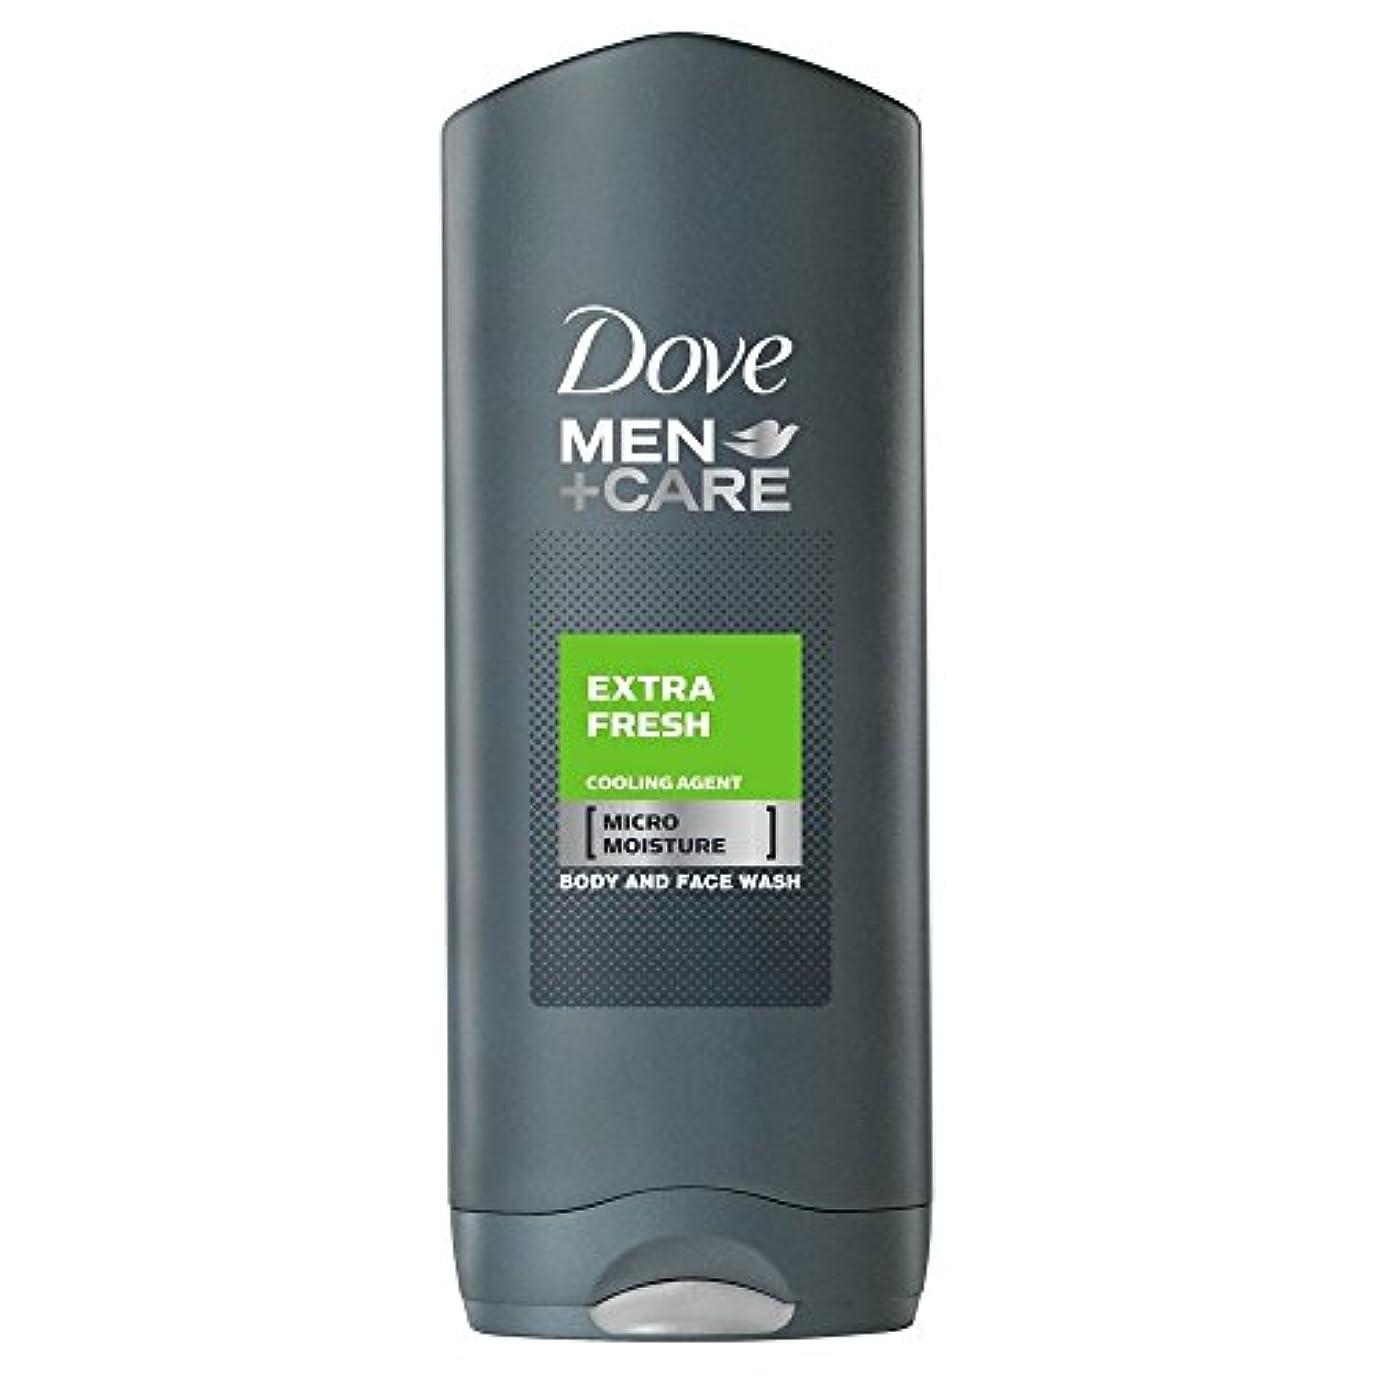 放置ビール質量Dove Men + Care Body & Face Wash - Extra Fresh (250ml) 鳩の男性は+ボディと洗顔ケア - 余分な新鮮な( 250ミリリットル)を [並行輸入品]